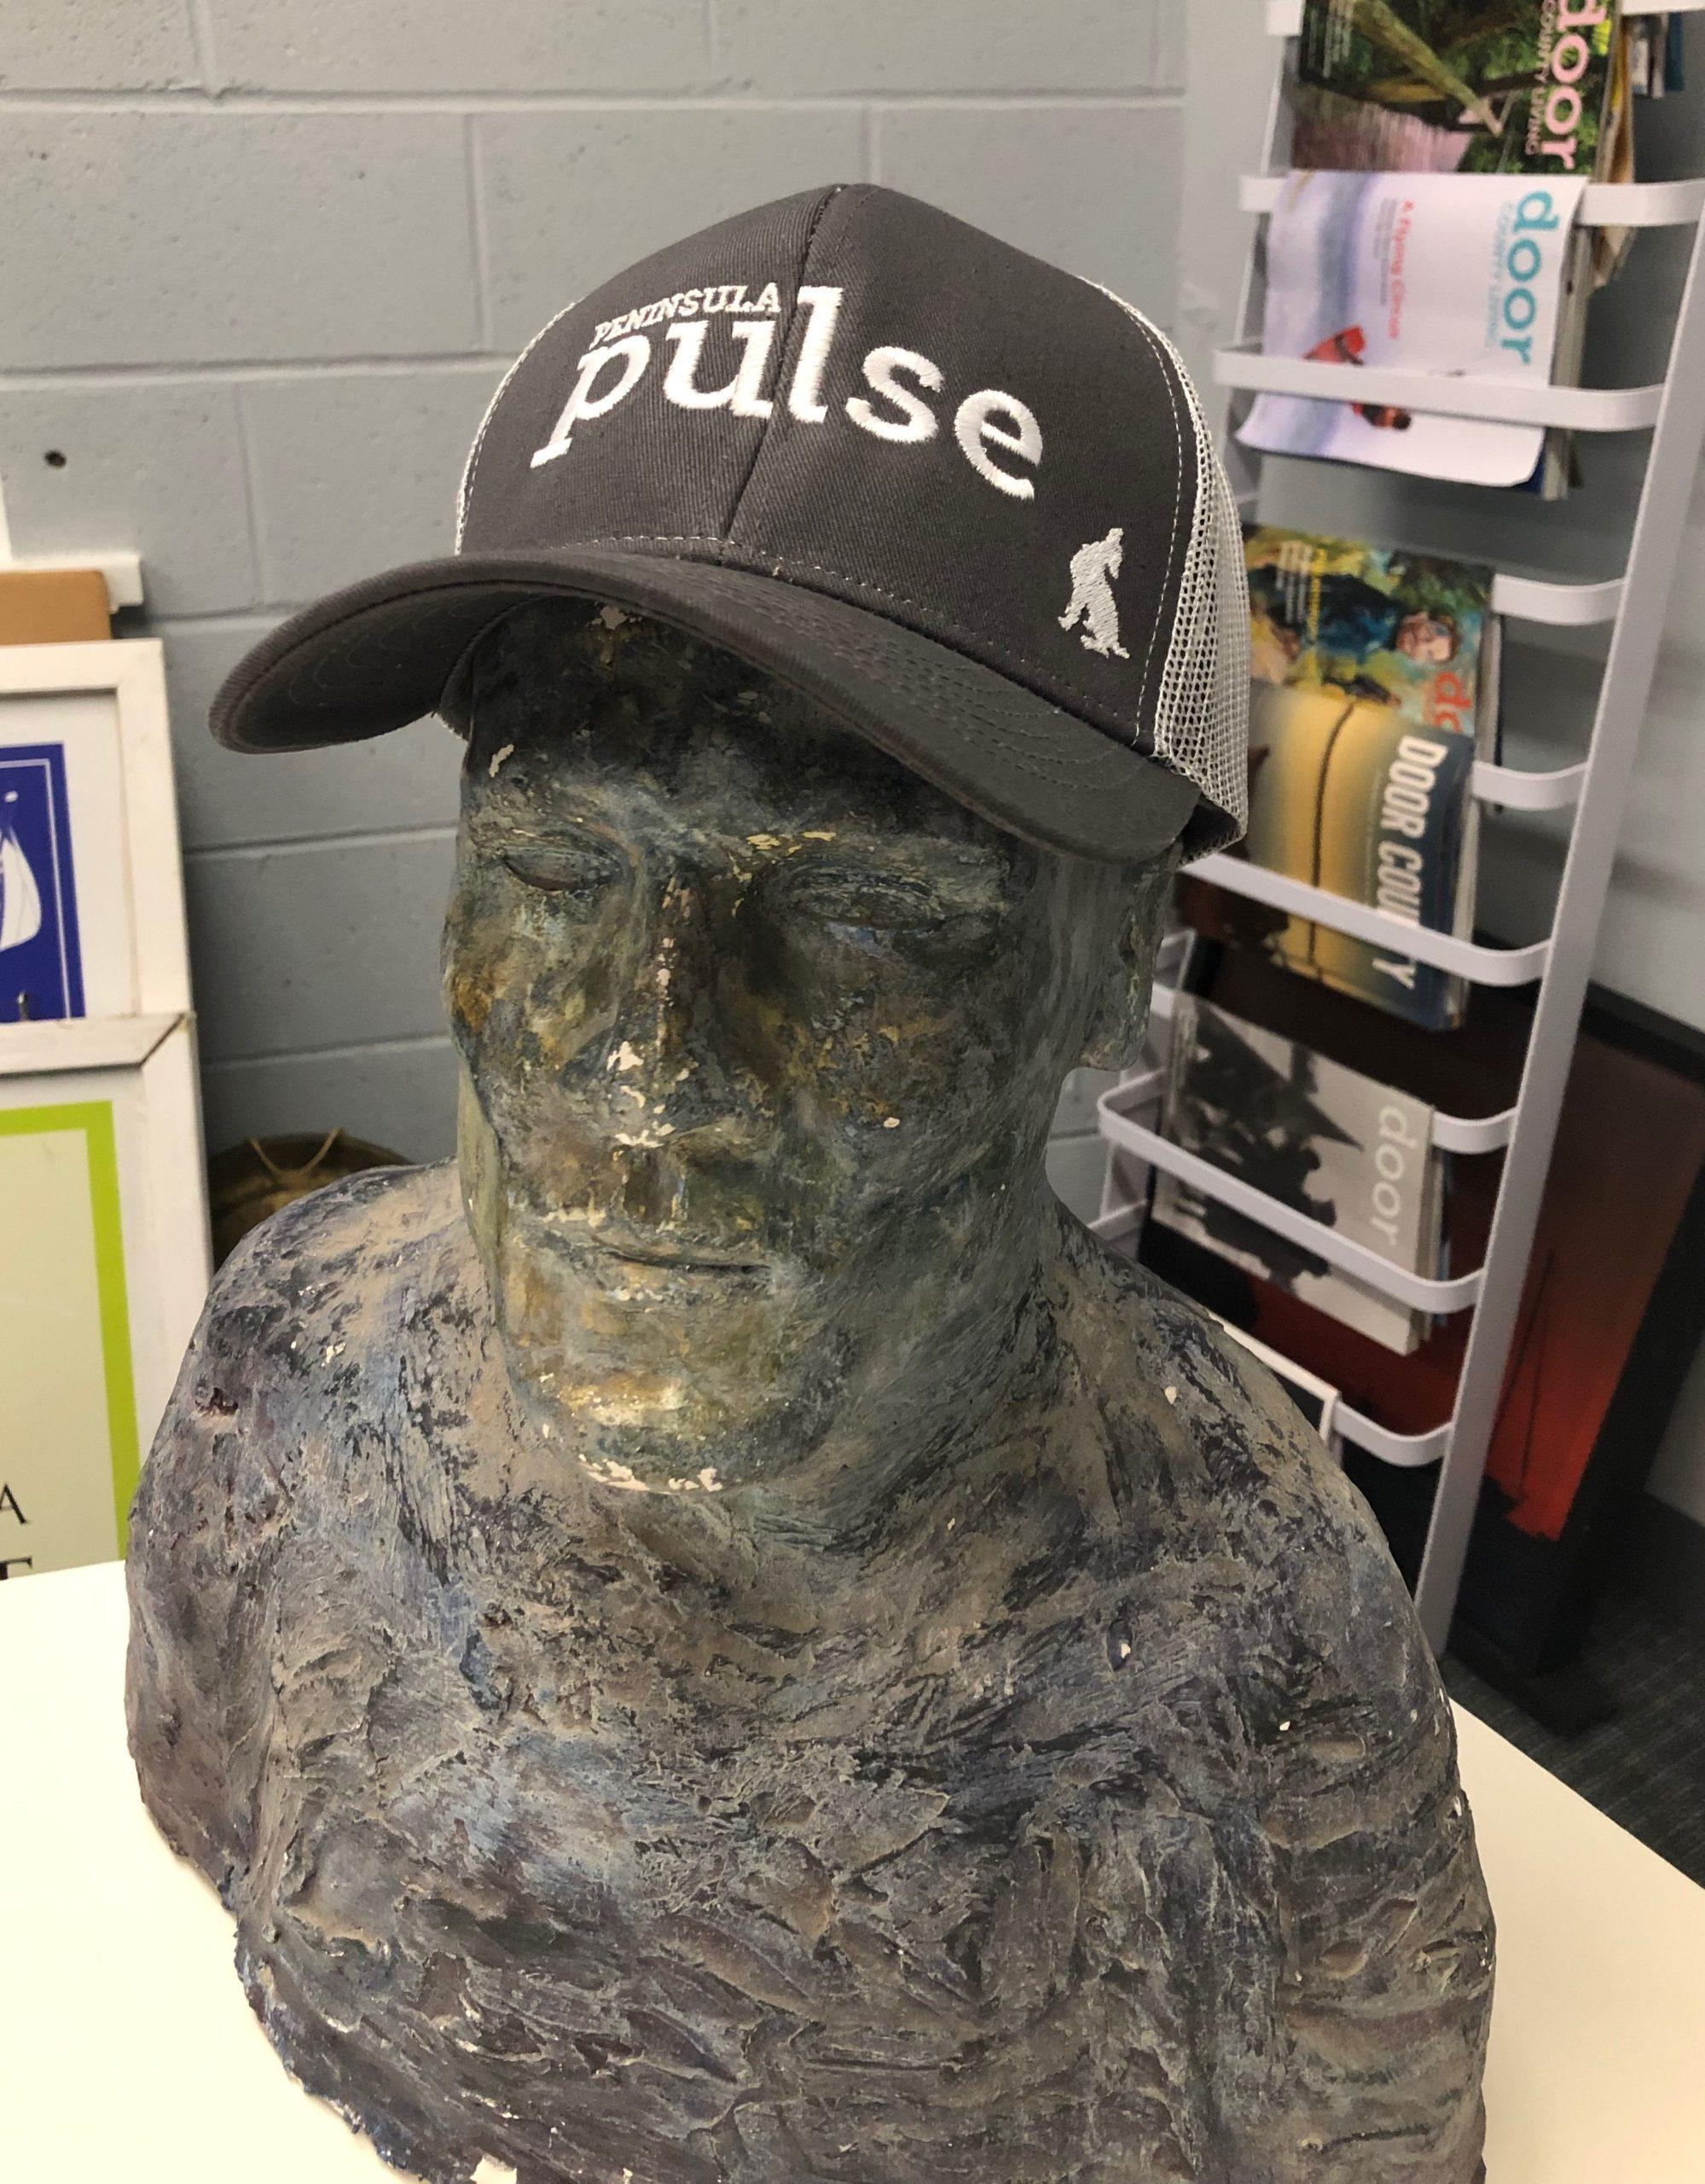 Peninsula Pulse, baseball cap